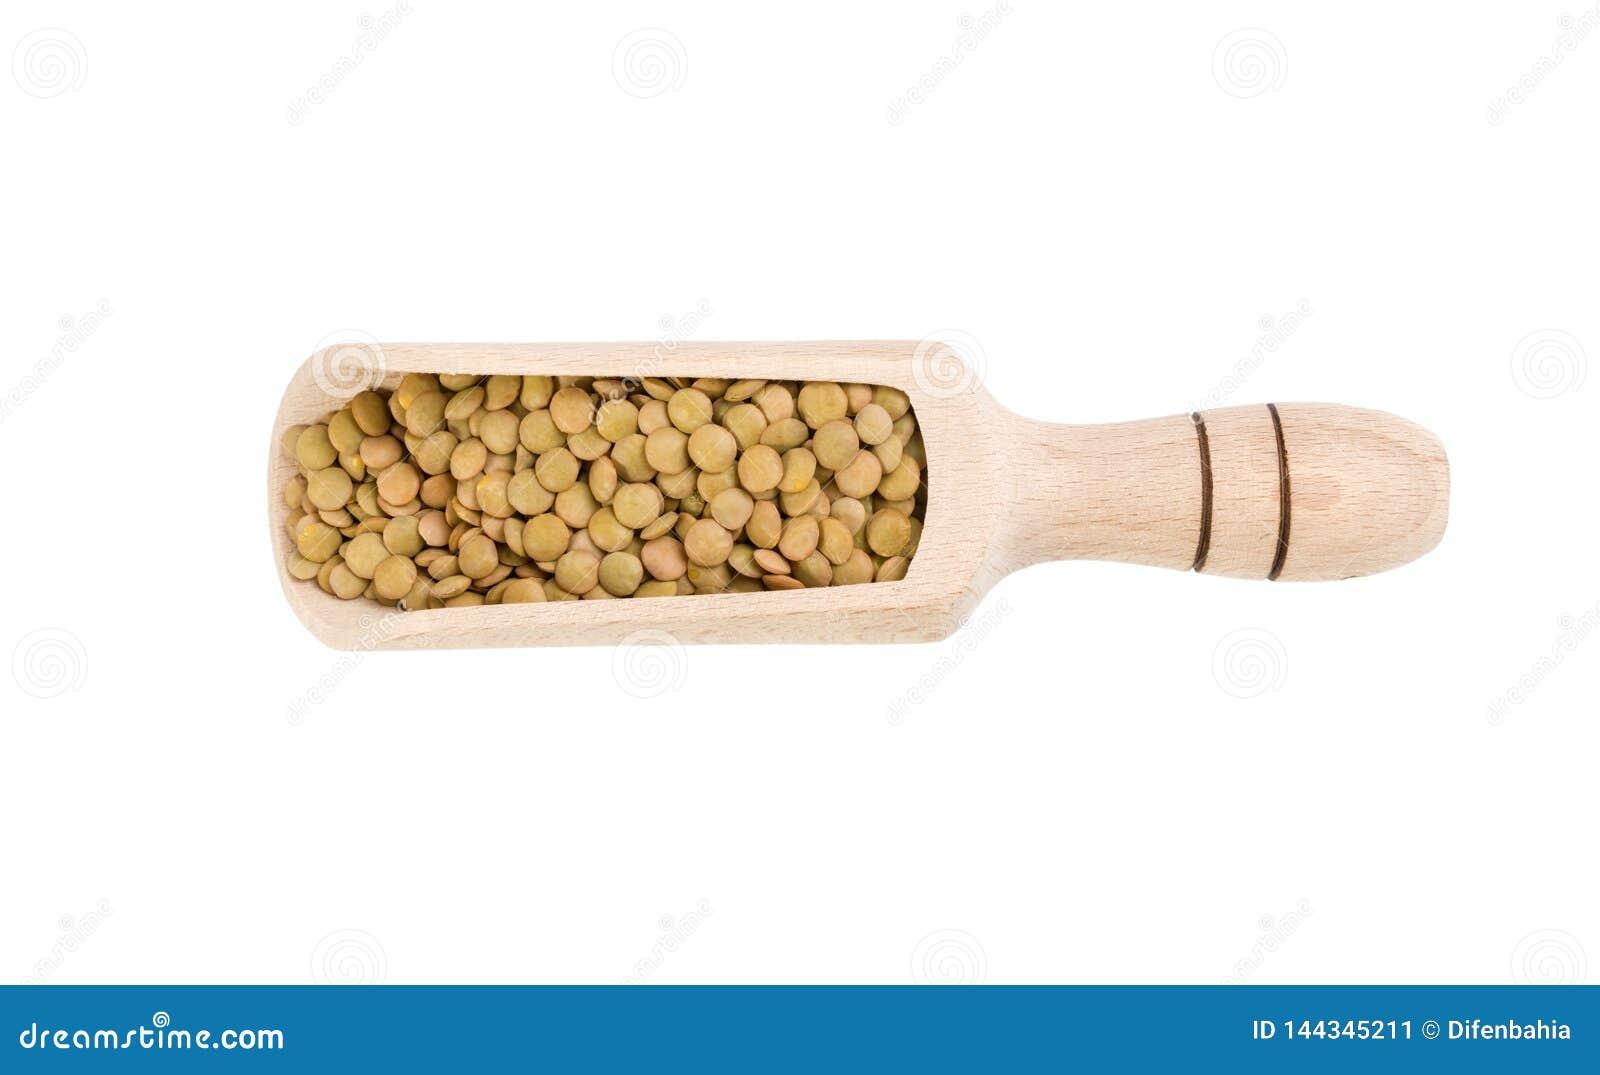 Πράσινες φακές στην ξύλινη σέσουλα που απομονώνεται στο άσπρο υπόβαθρο διατροφή βιο φυσικό συστατικό τροφίμων